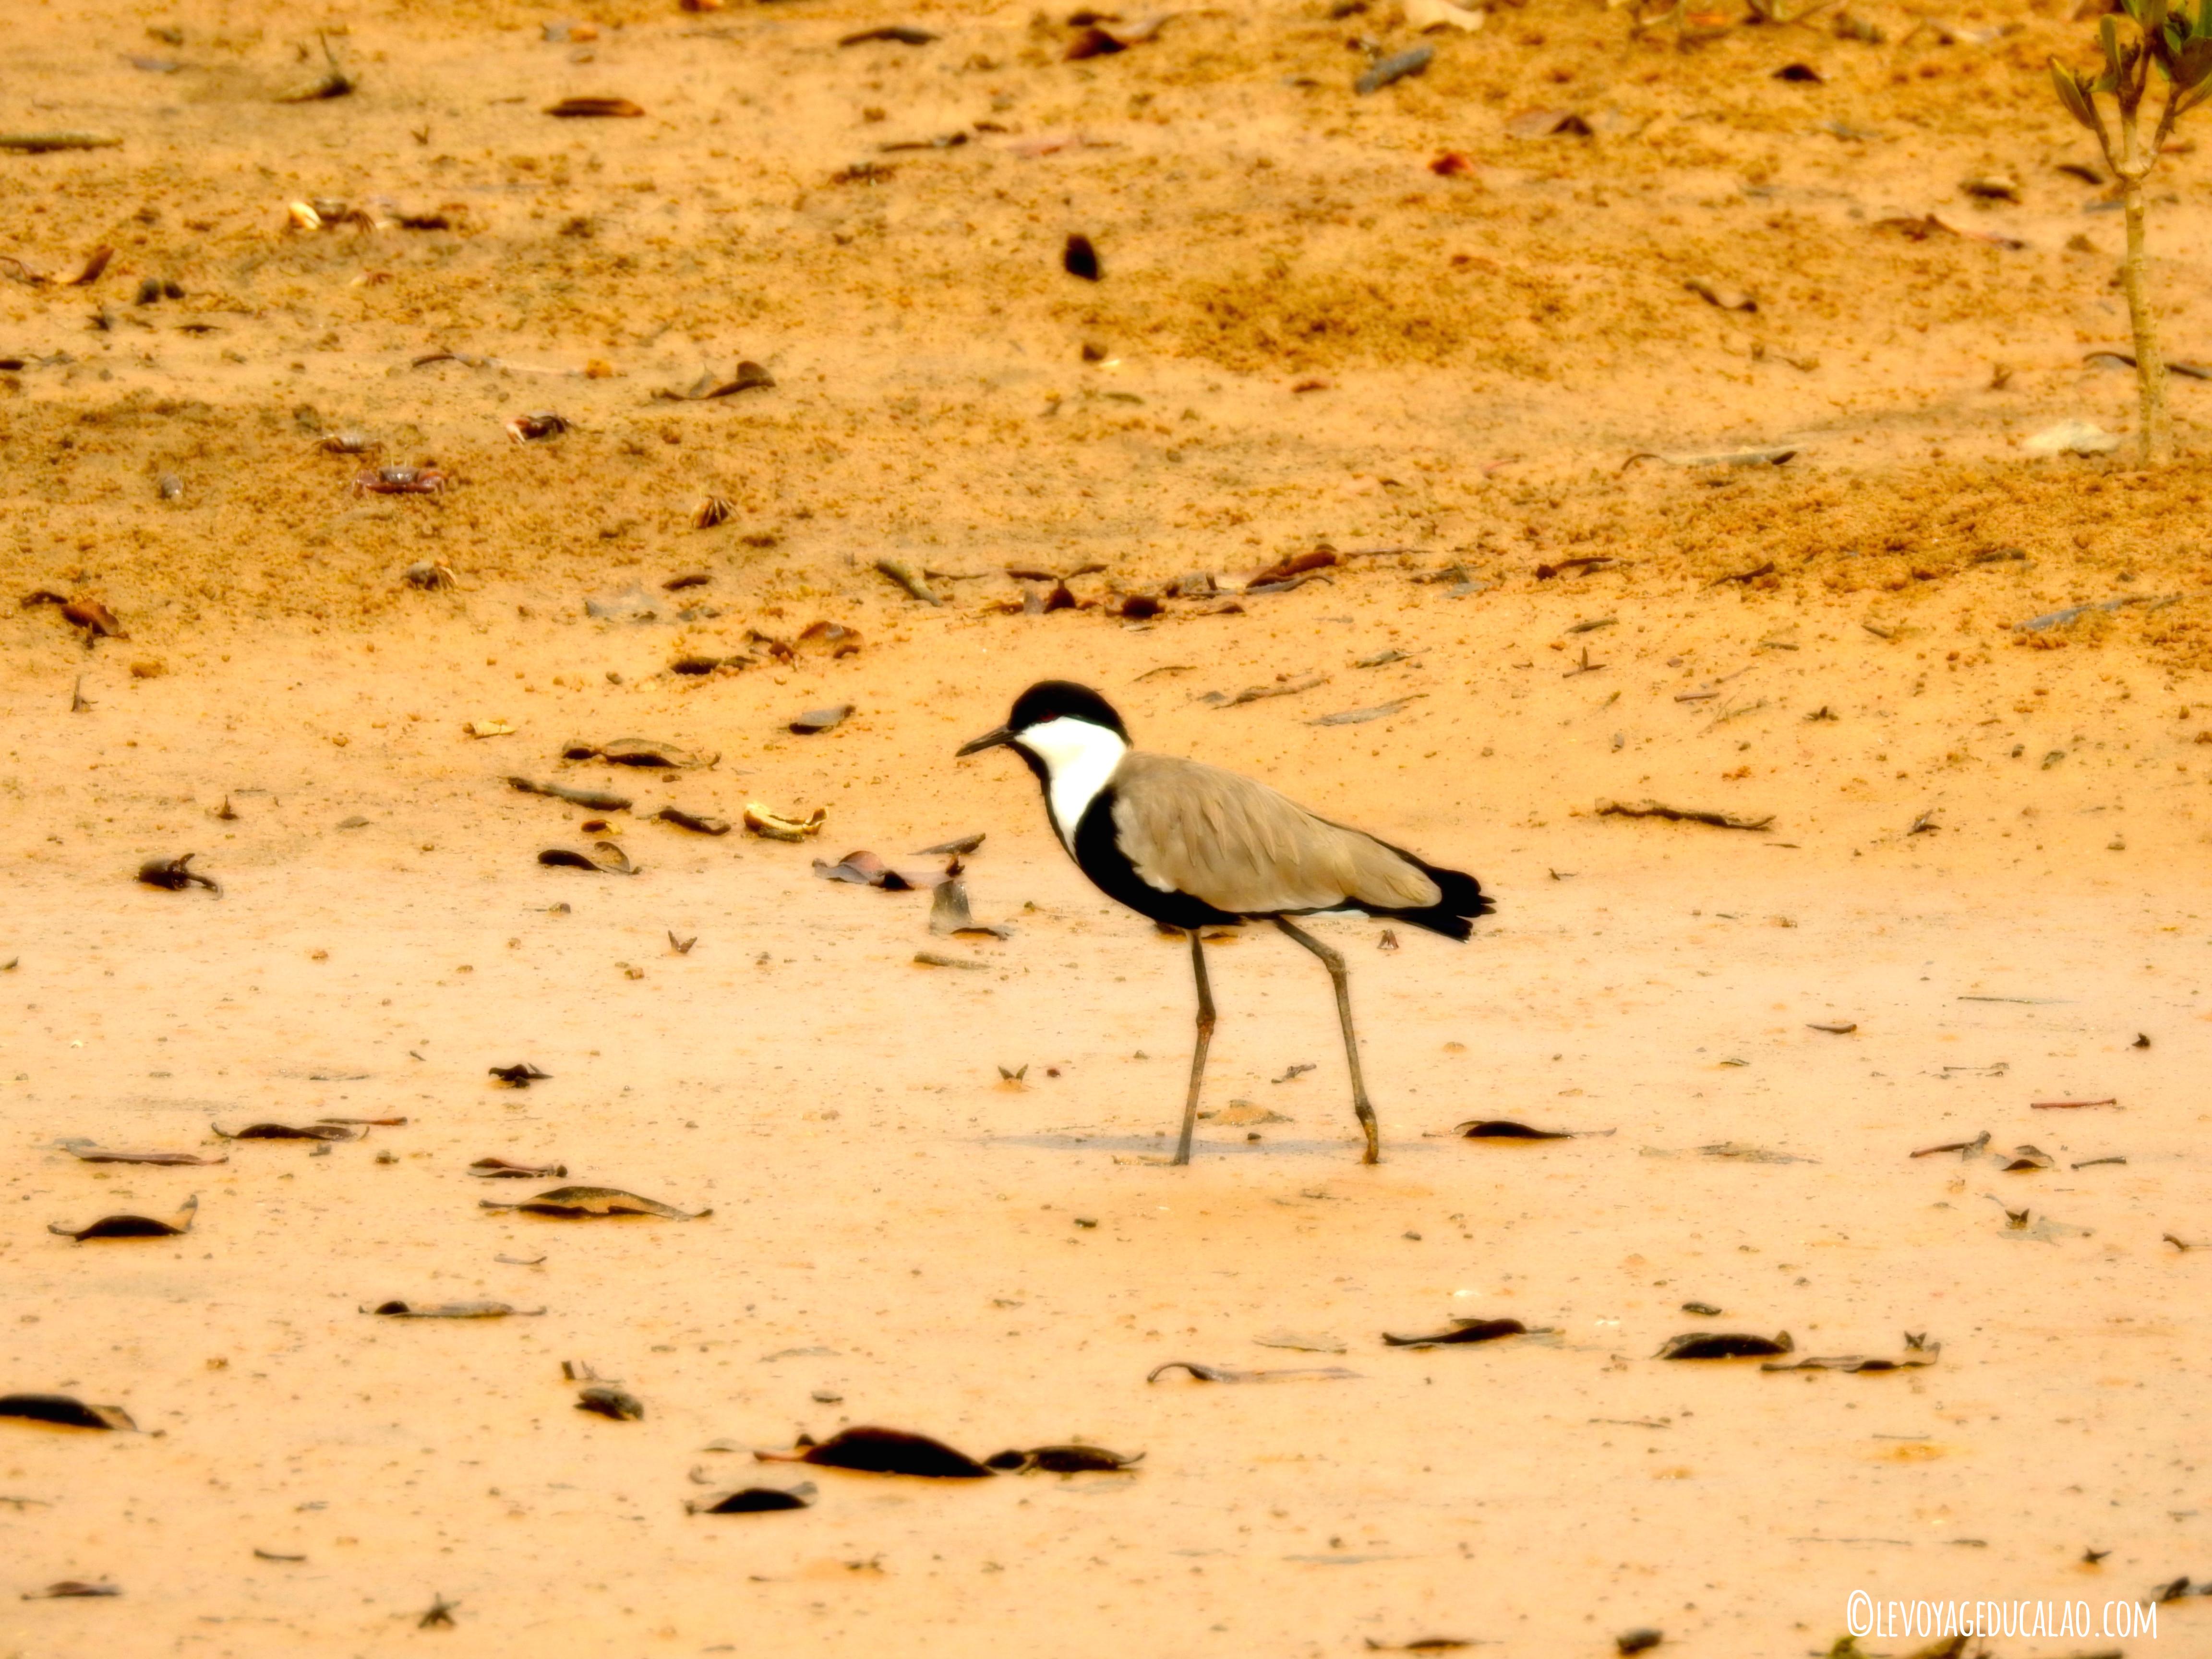 Oiseau Guéréo Sénégal